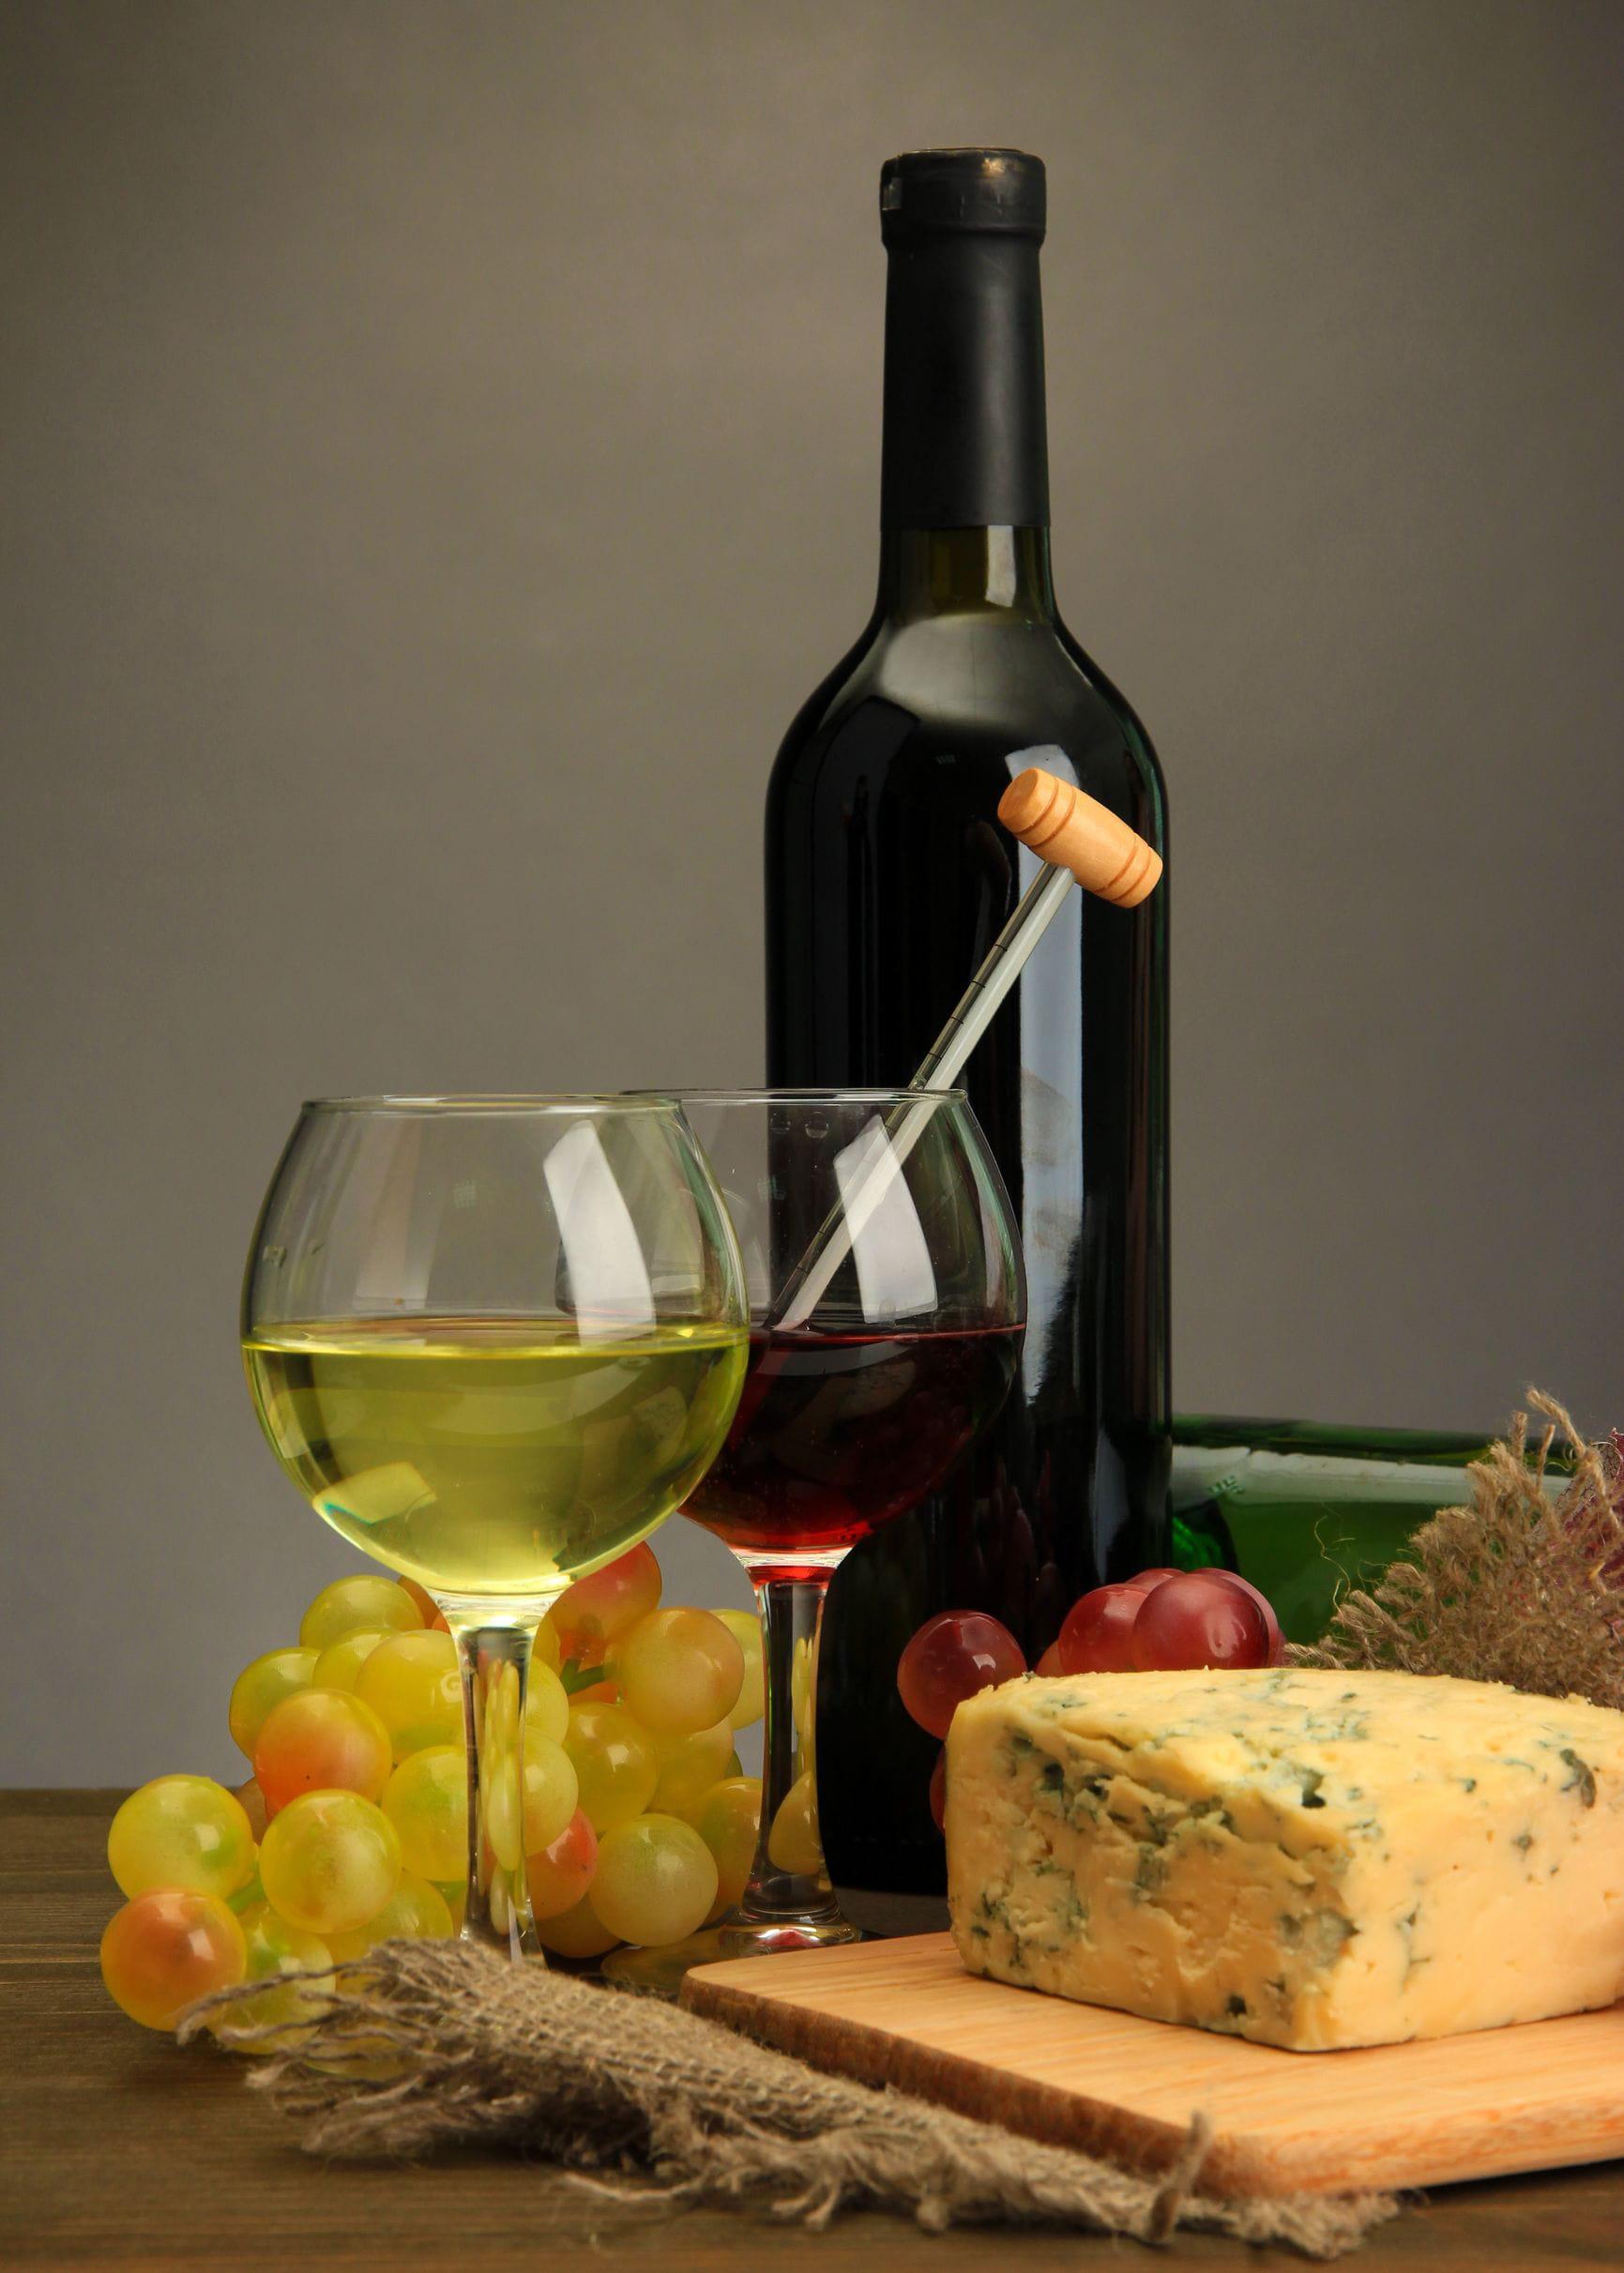 erreur n 3 servir un vin blanc glac et un vin rouge. Black Bedroom Furniture Sets. Home Design Ideas